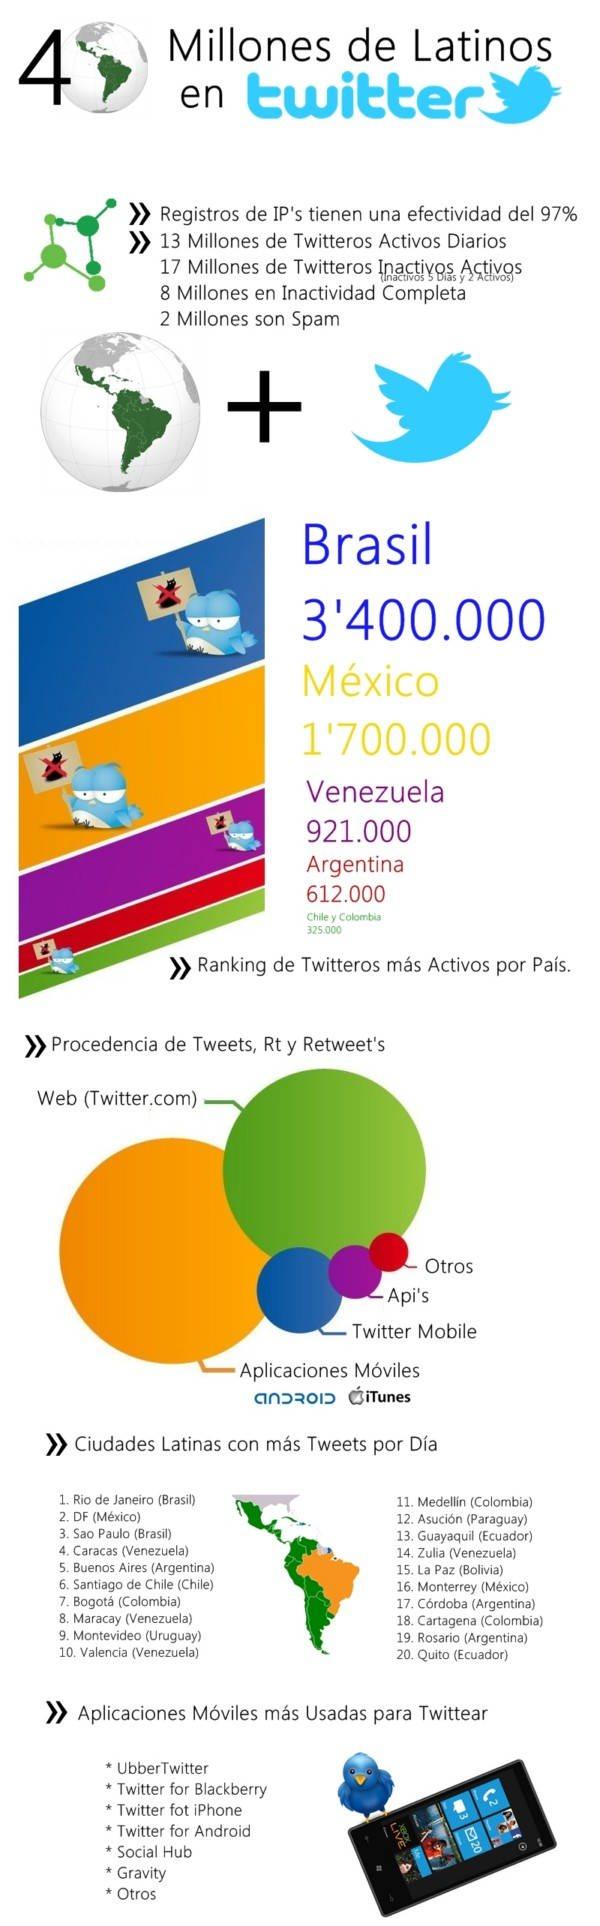 Infografía de los 40 millones de latinos en Twitter